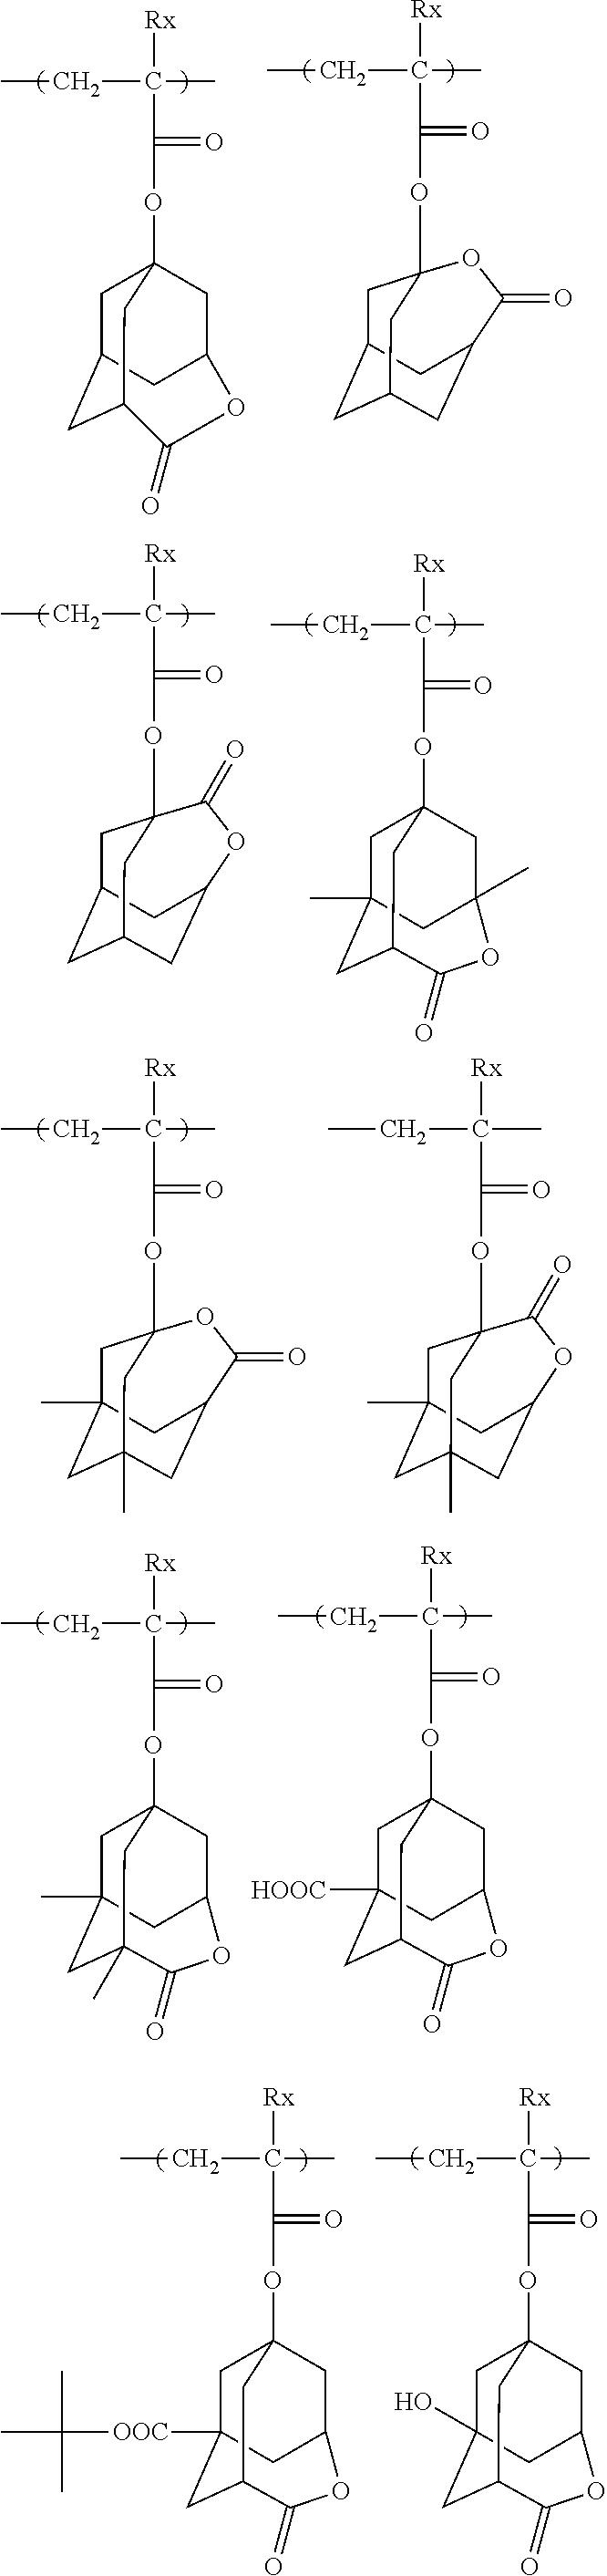 Figure US20110183258A1-20110728-C00048